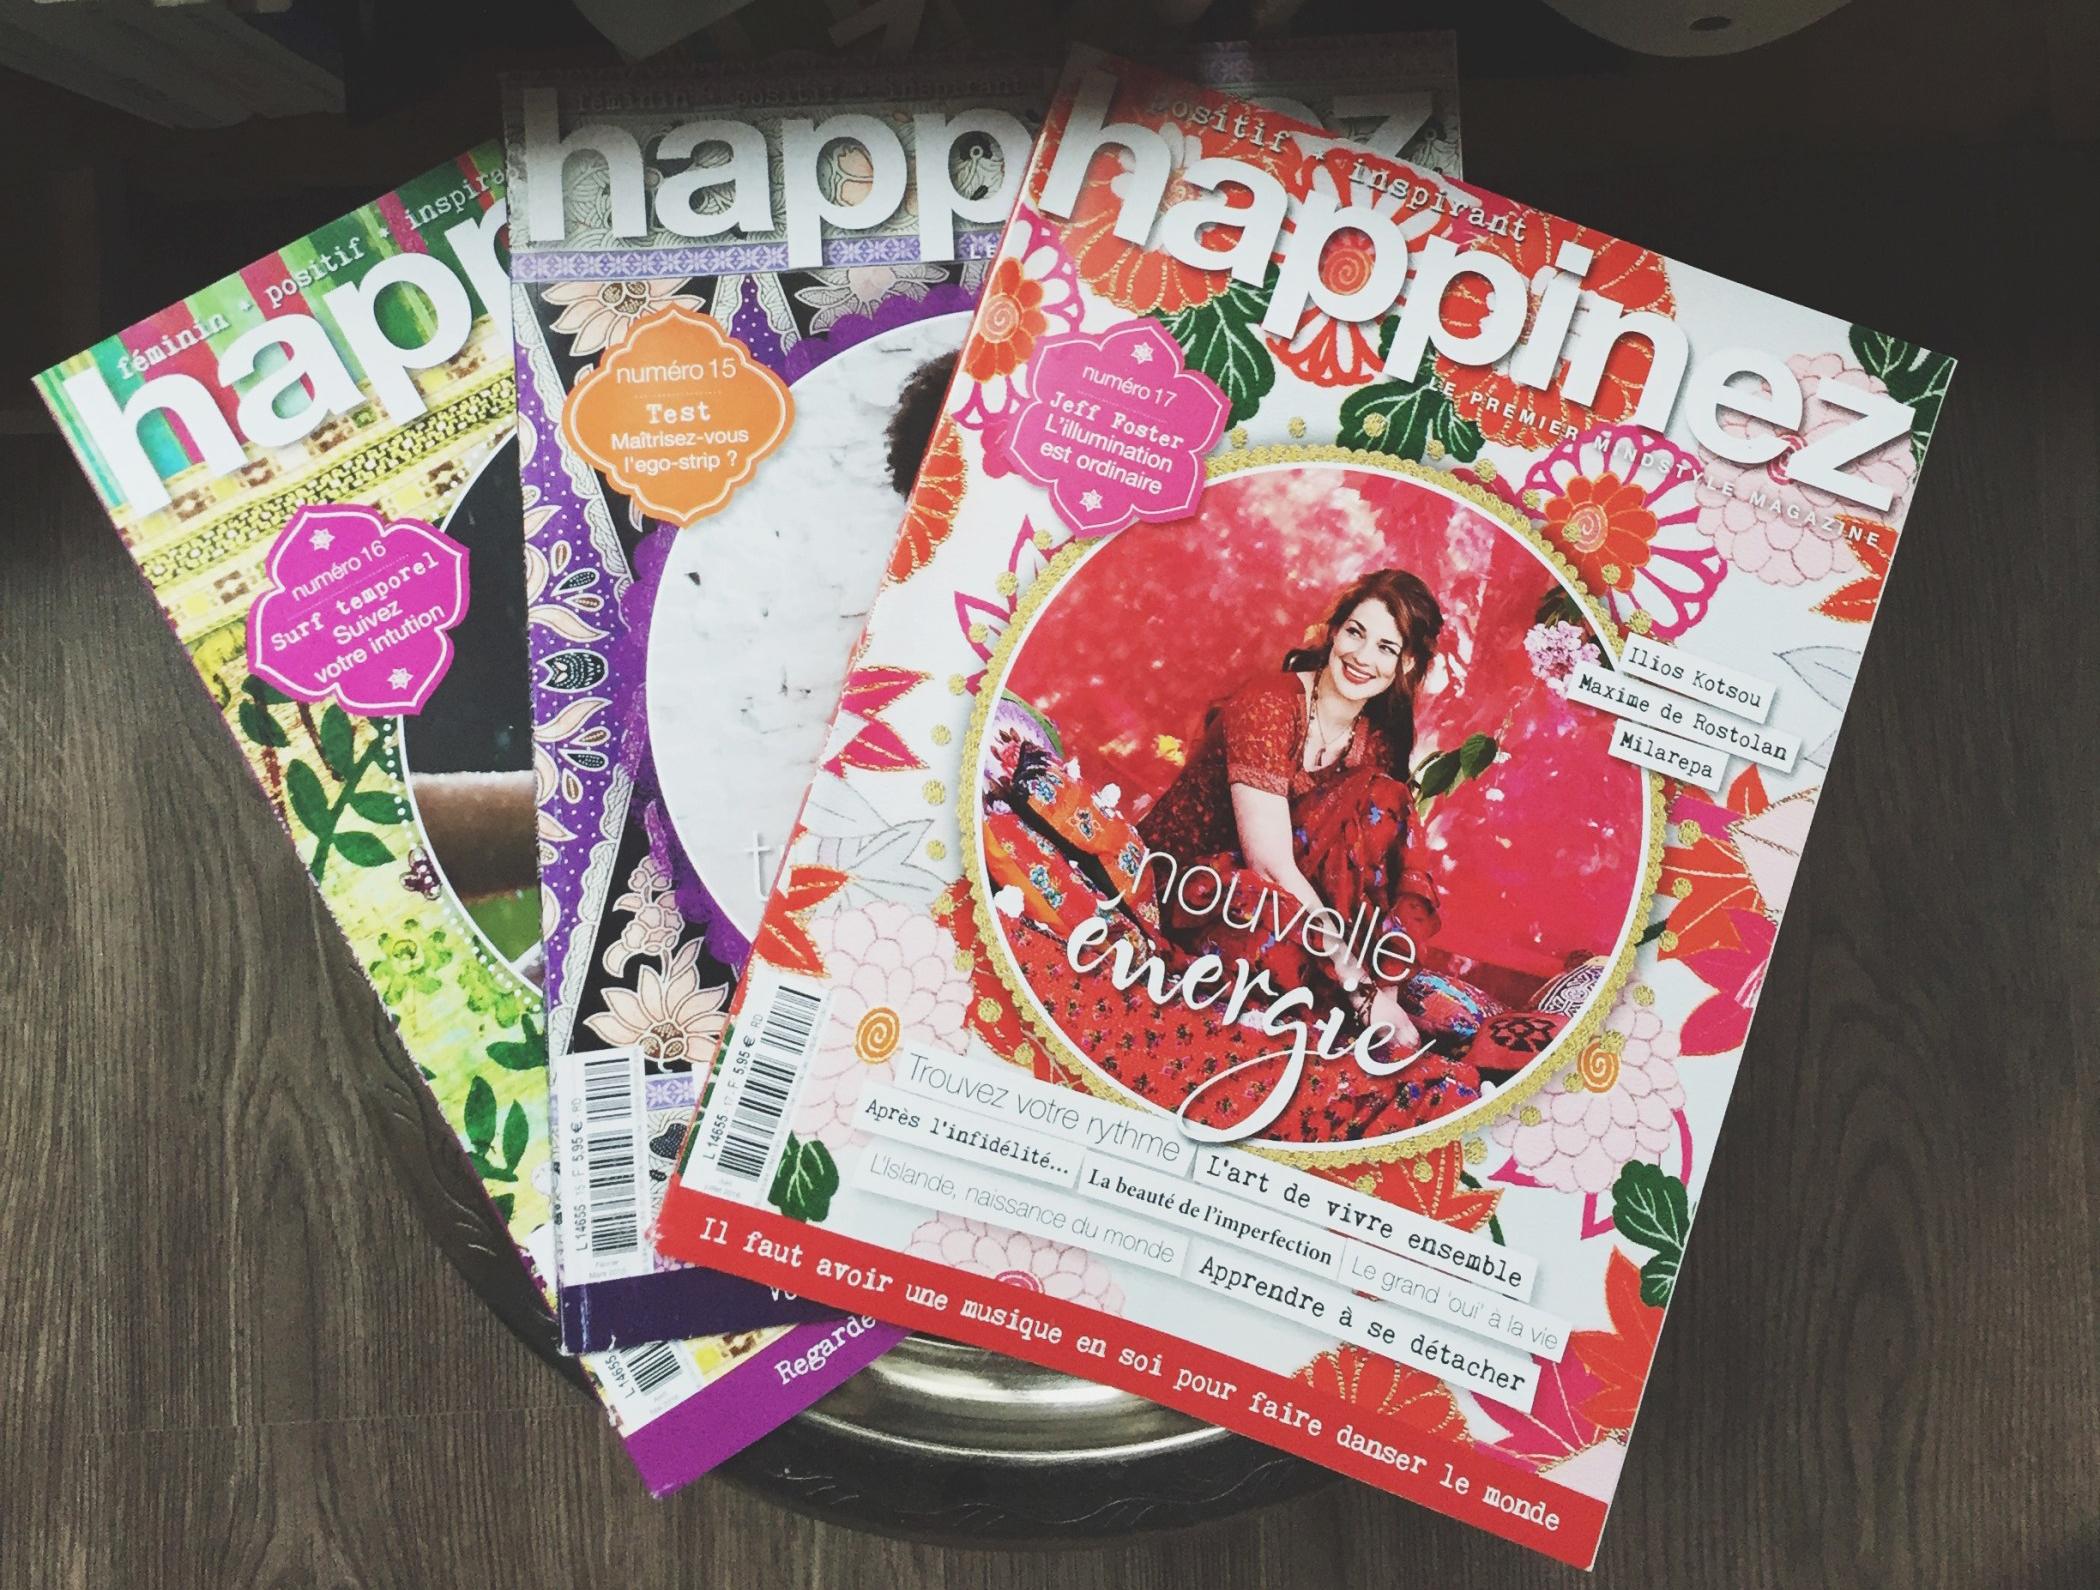 Magazine Apprendre La Photo happinez, un magazine qui parle (enfin) de l'essentiel!   la